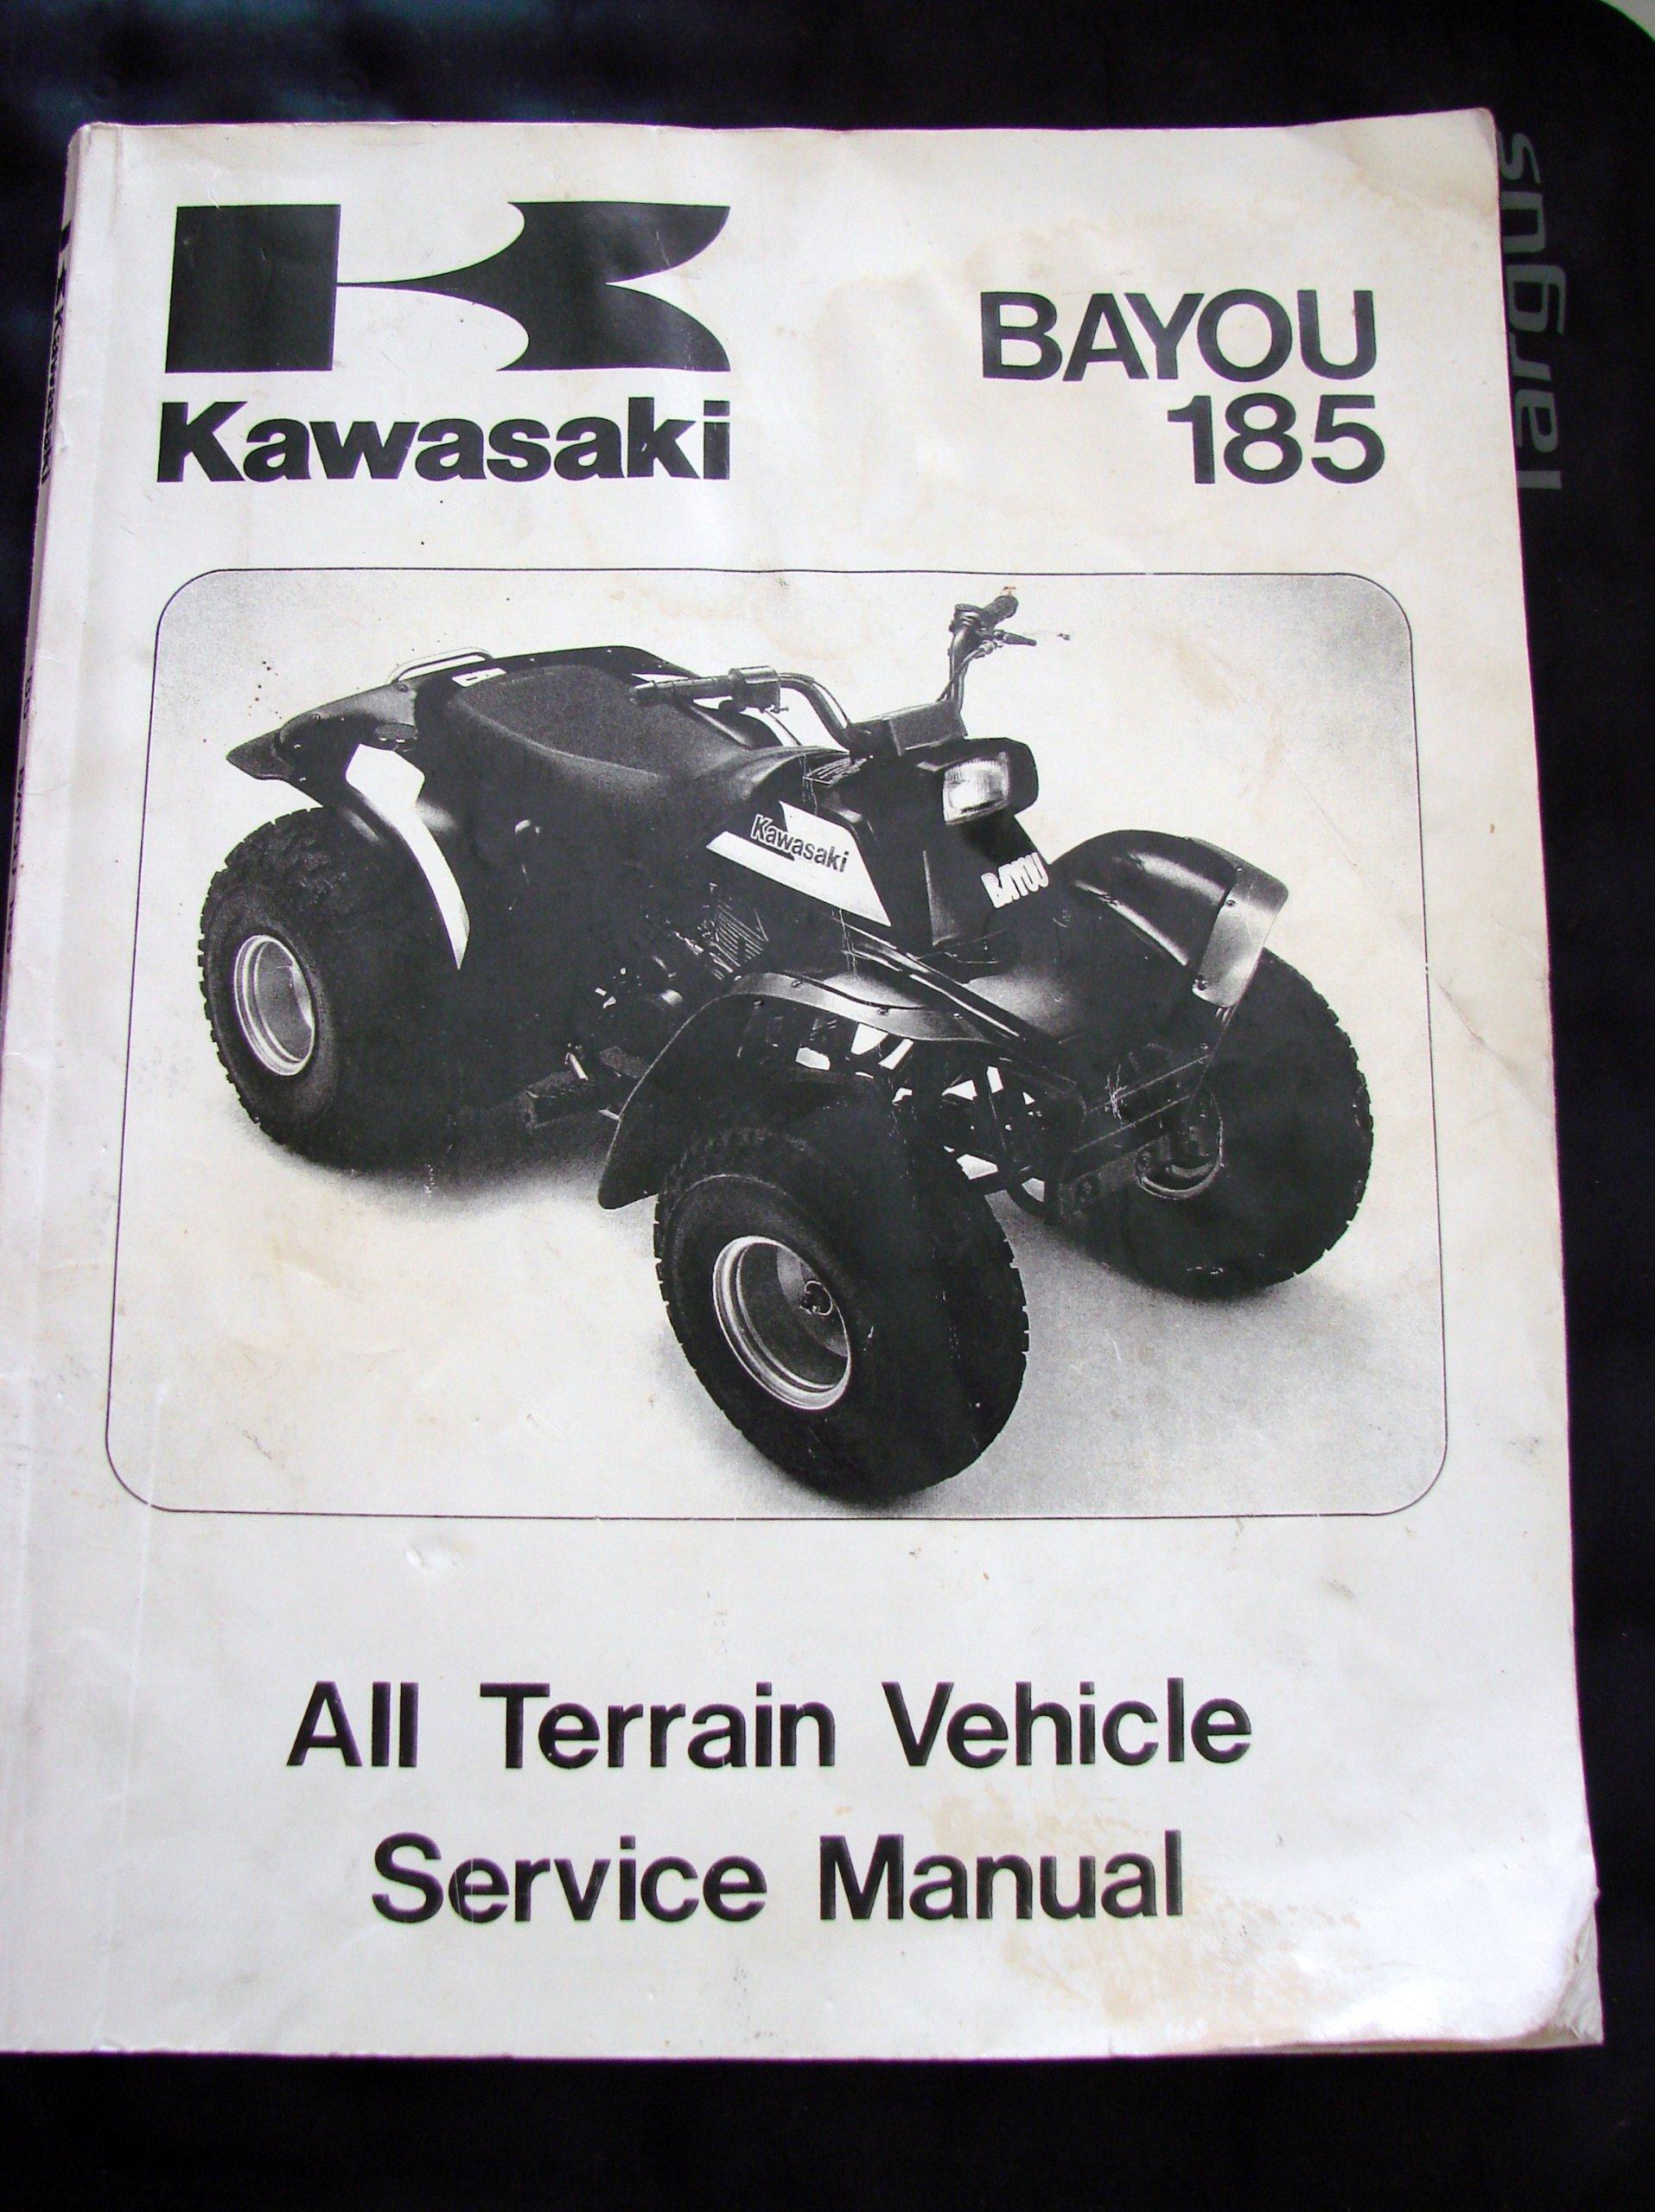 Kawasaki Bayou 185 All Terrain Vehicle Service Manual (KLF185-A1): Kawasaki:  Amazon.com: Books